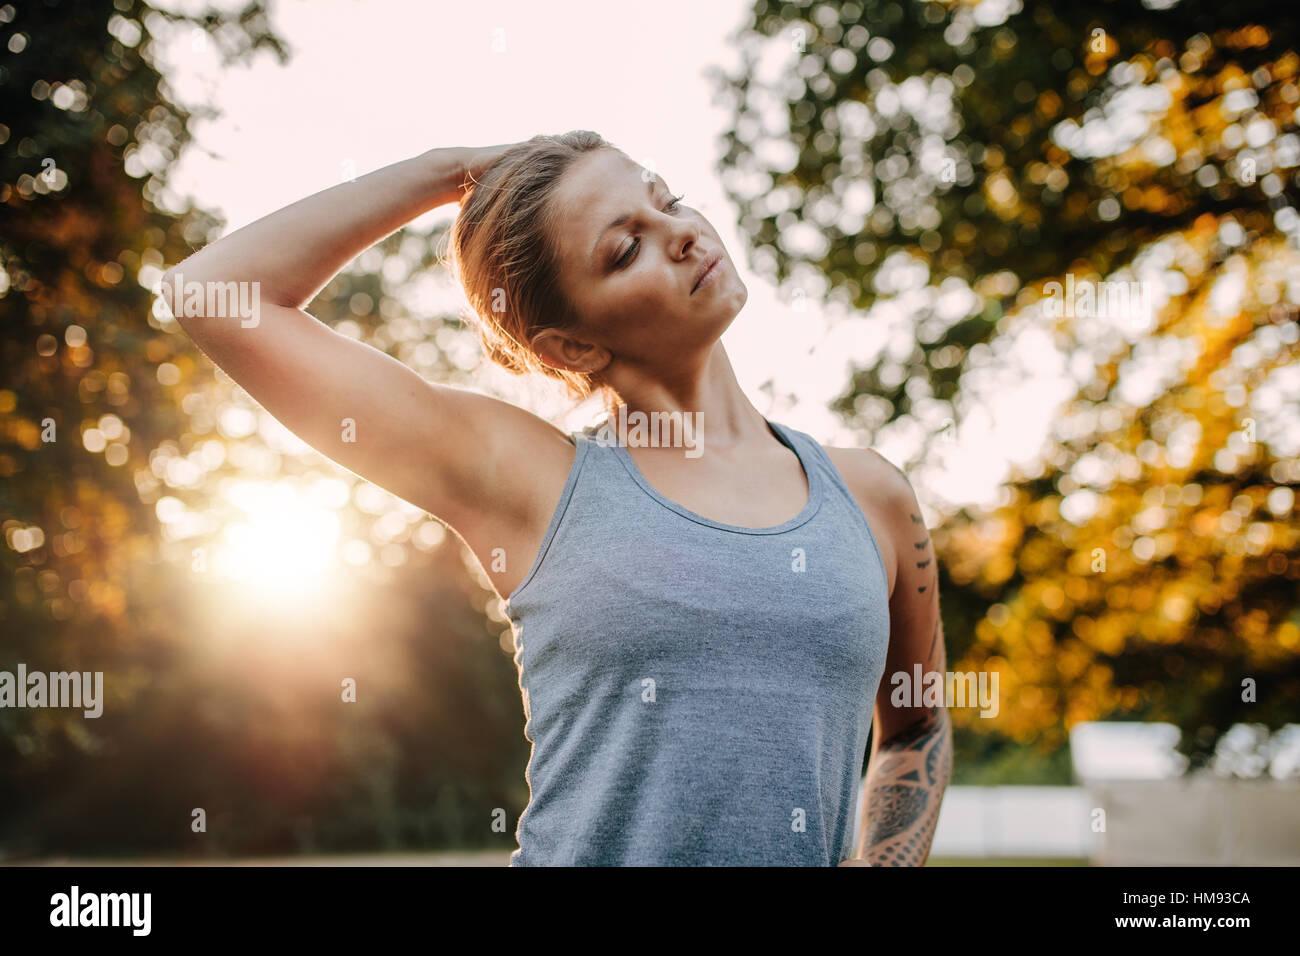 Retrato de mujer joven y saludable estirando su cuello al aire libre. Modelo de fitness del Cáucaso el calentamiento Imagen De Stock